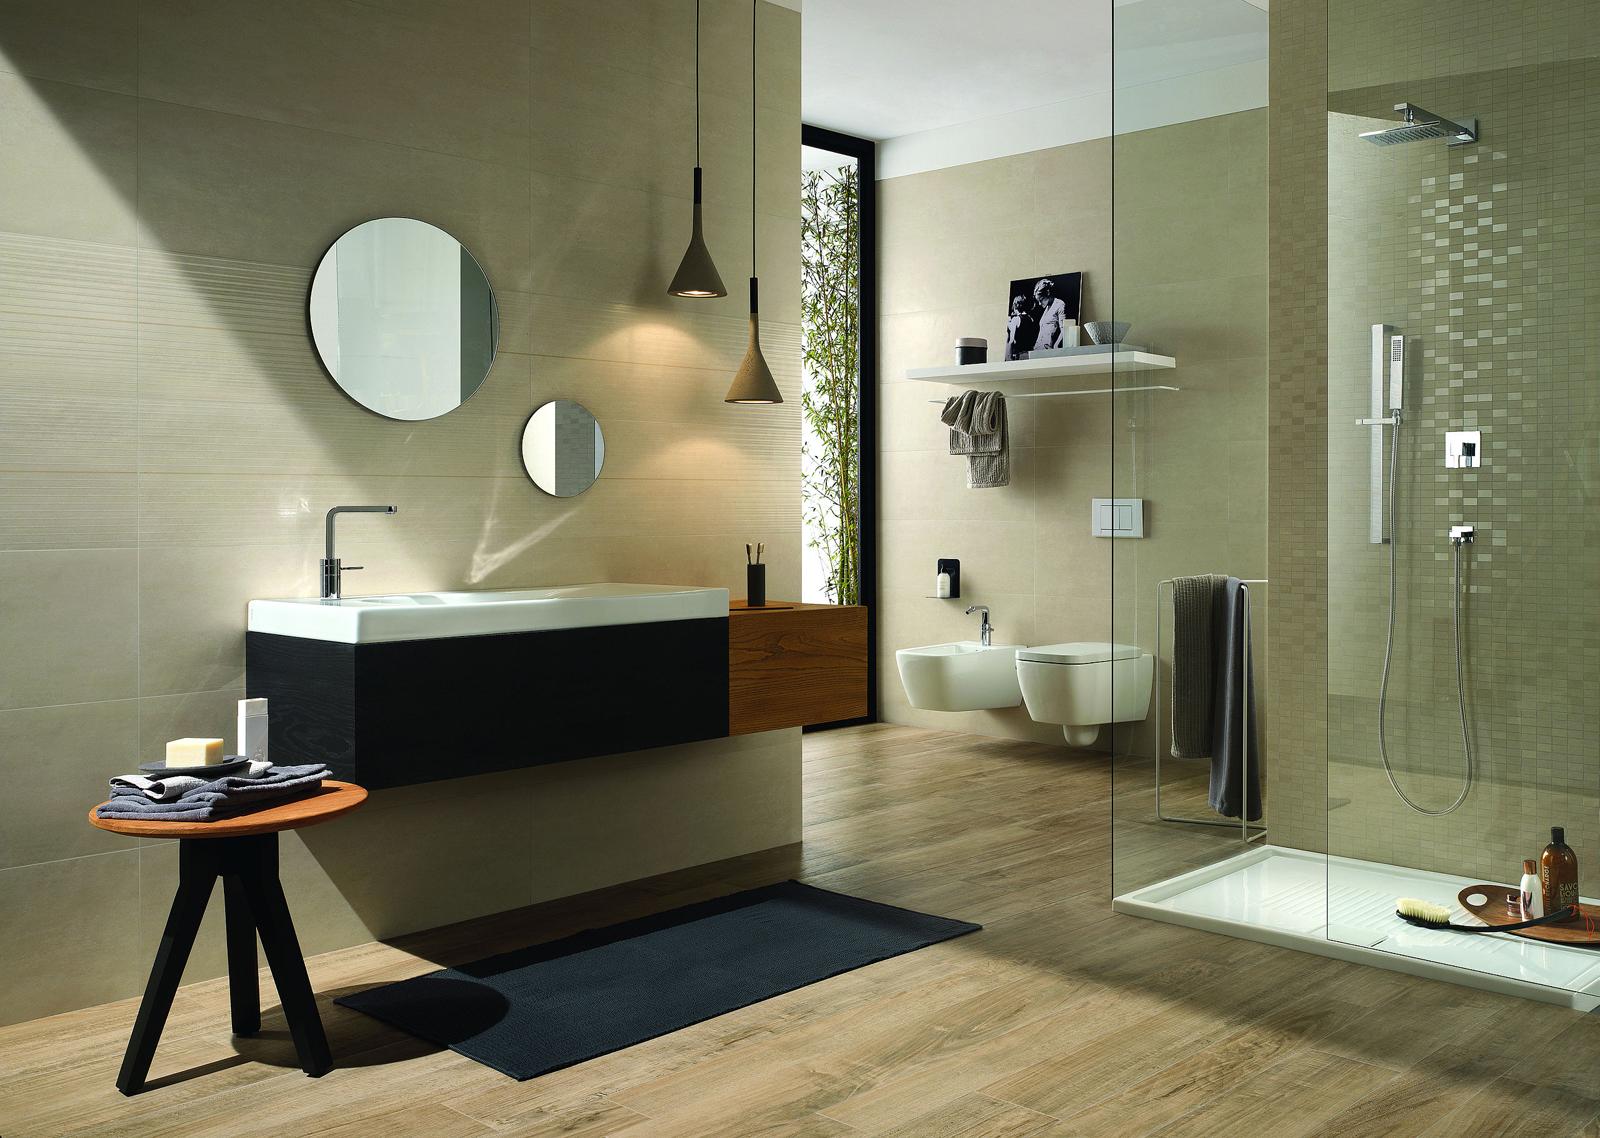 Rivestimenti Bagni Piccoli Esempi quale rivestimento scegliere per il bagno?